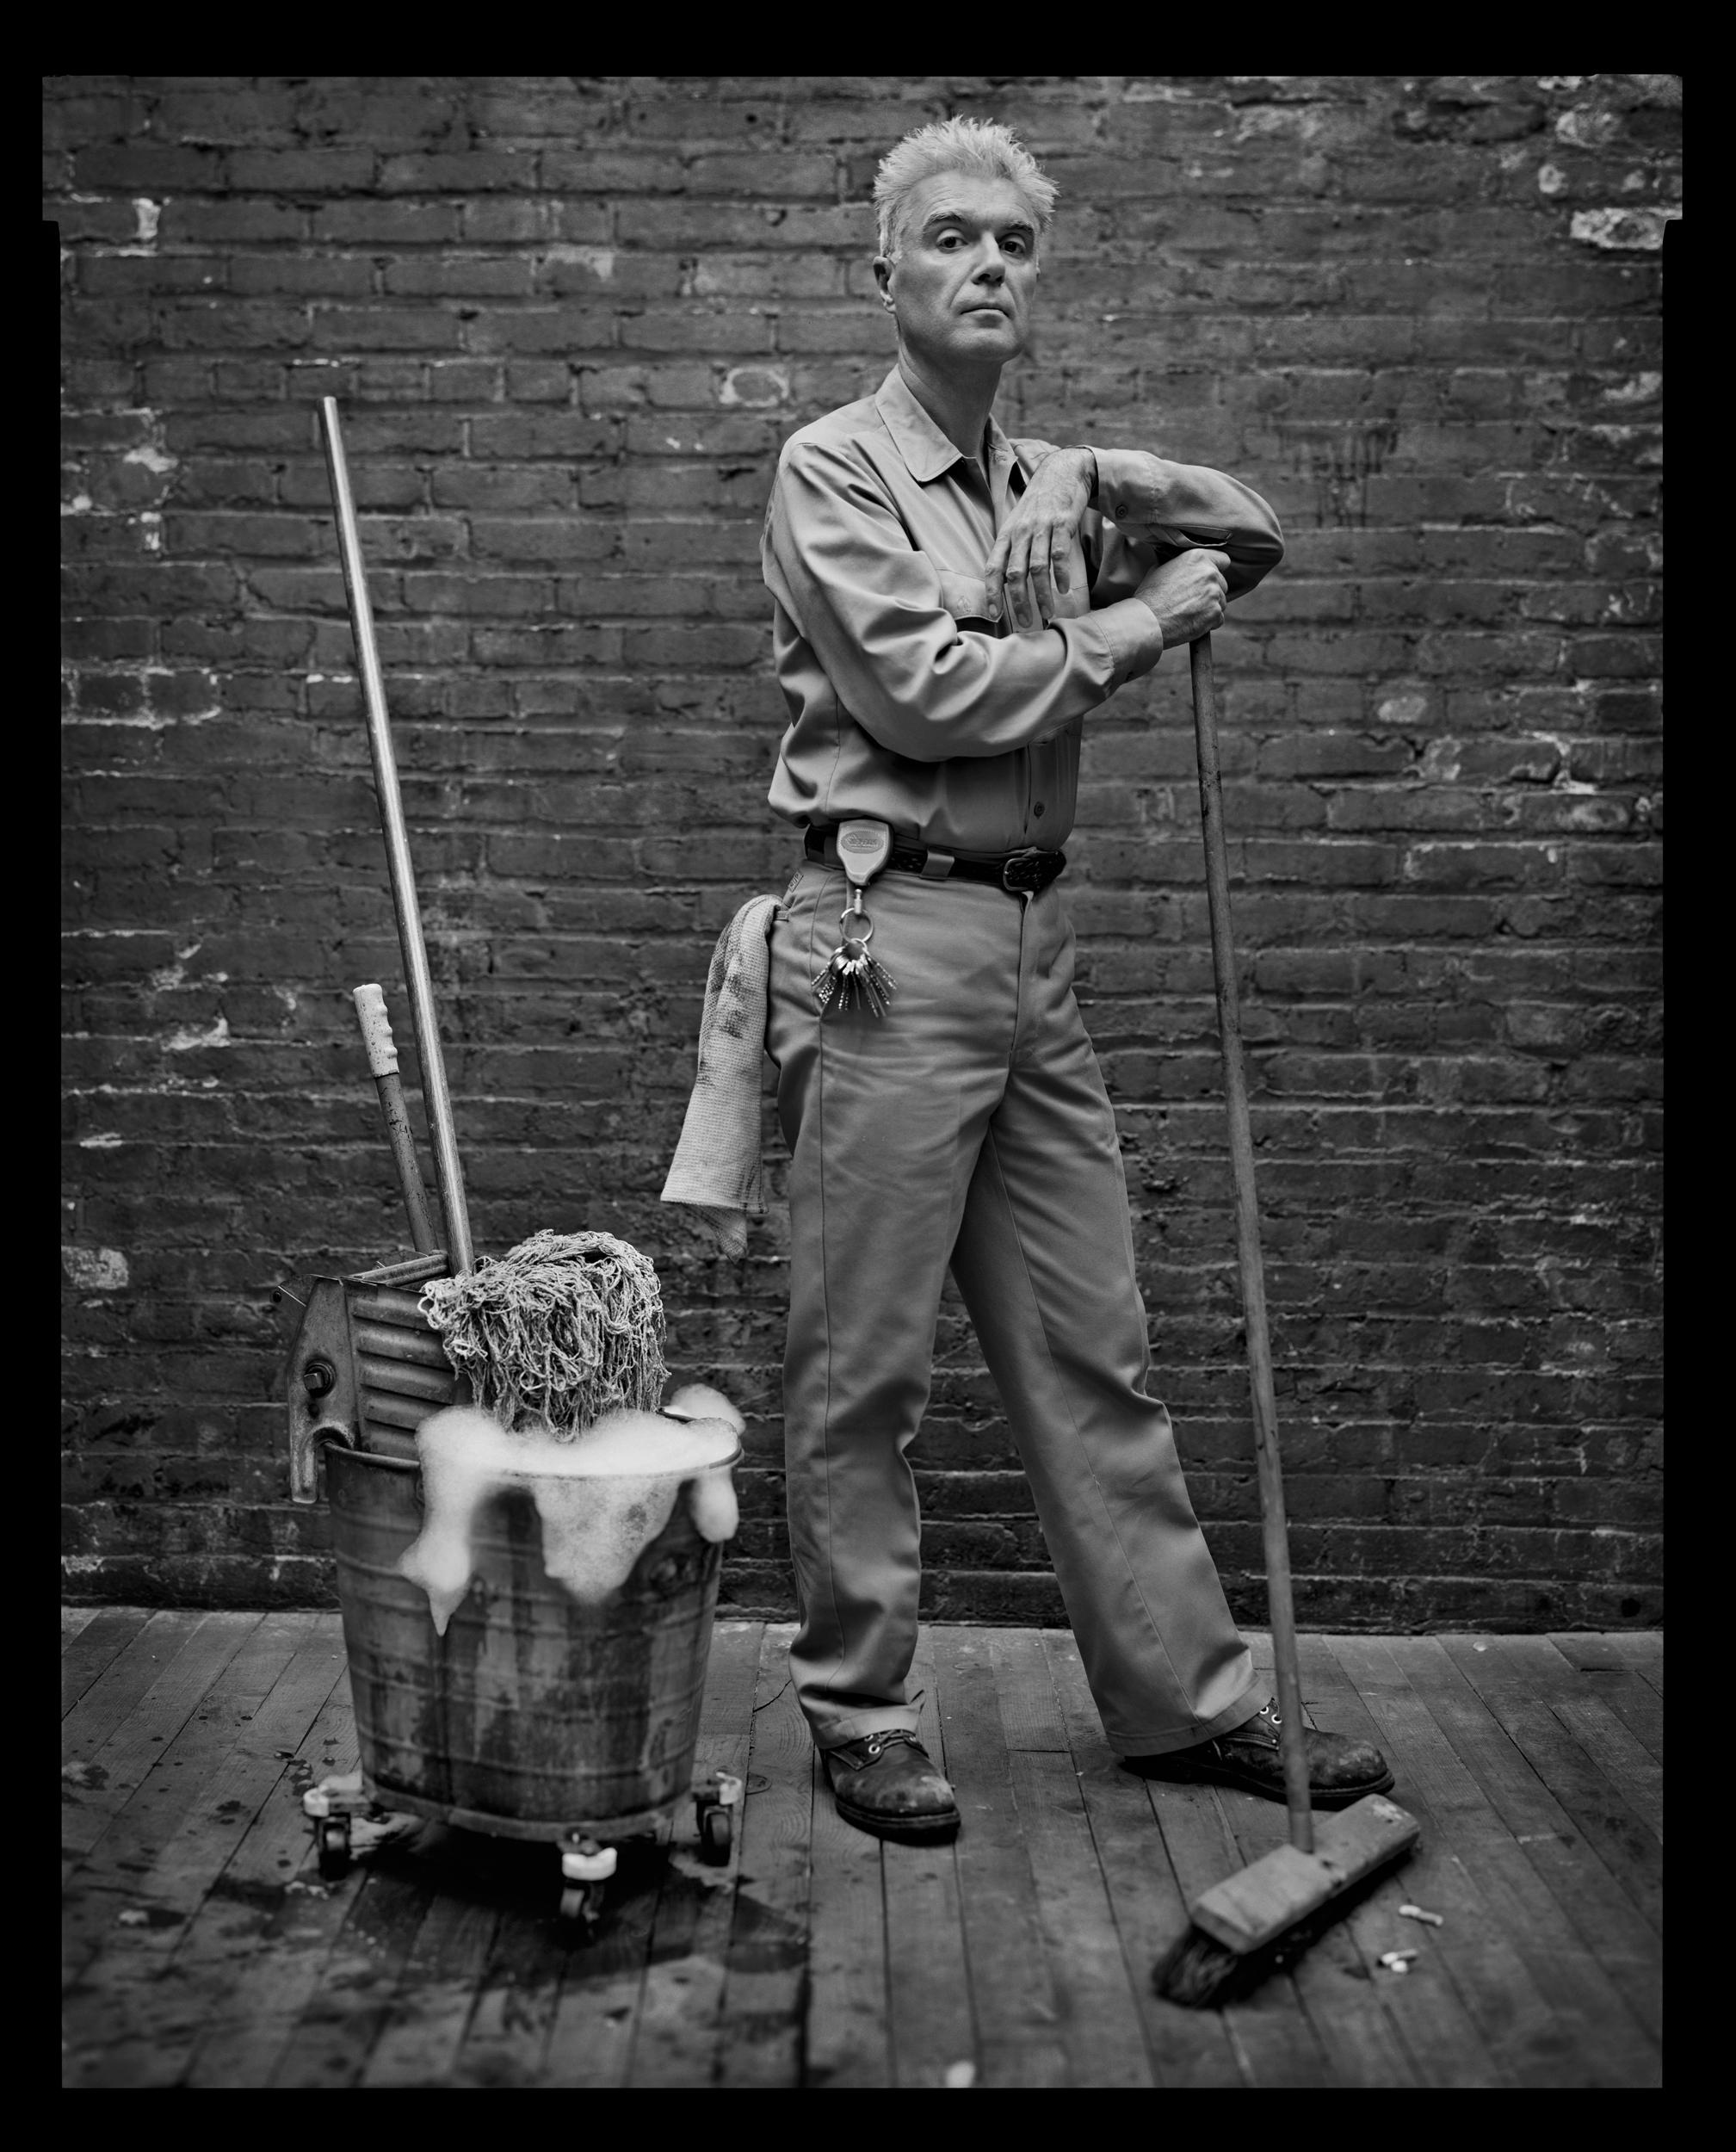 David Byrne, New York, NY, 2005